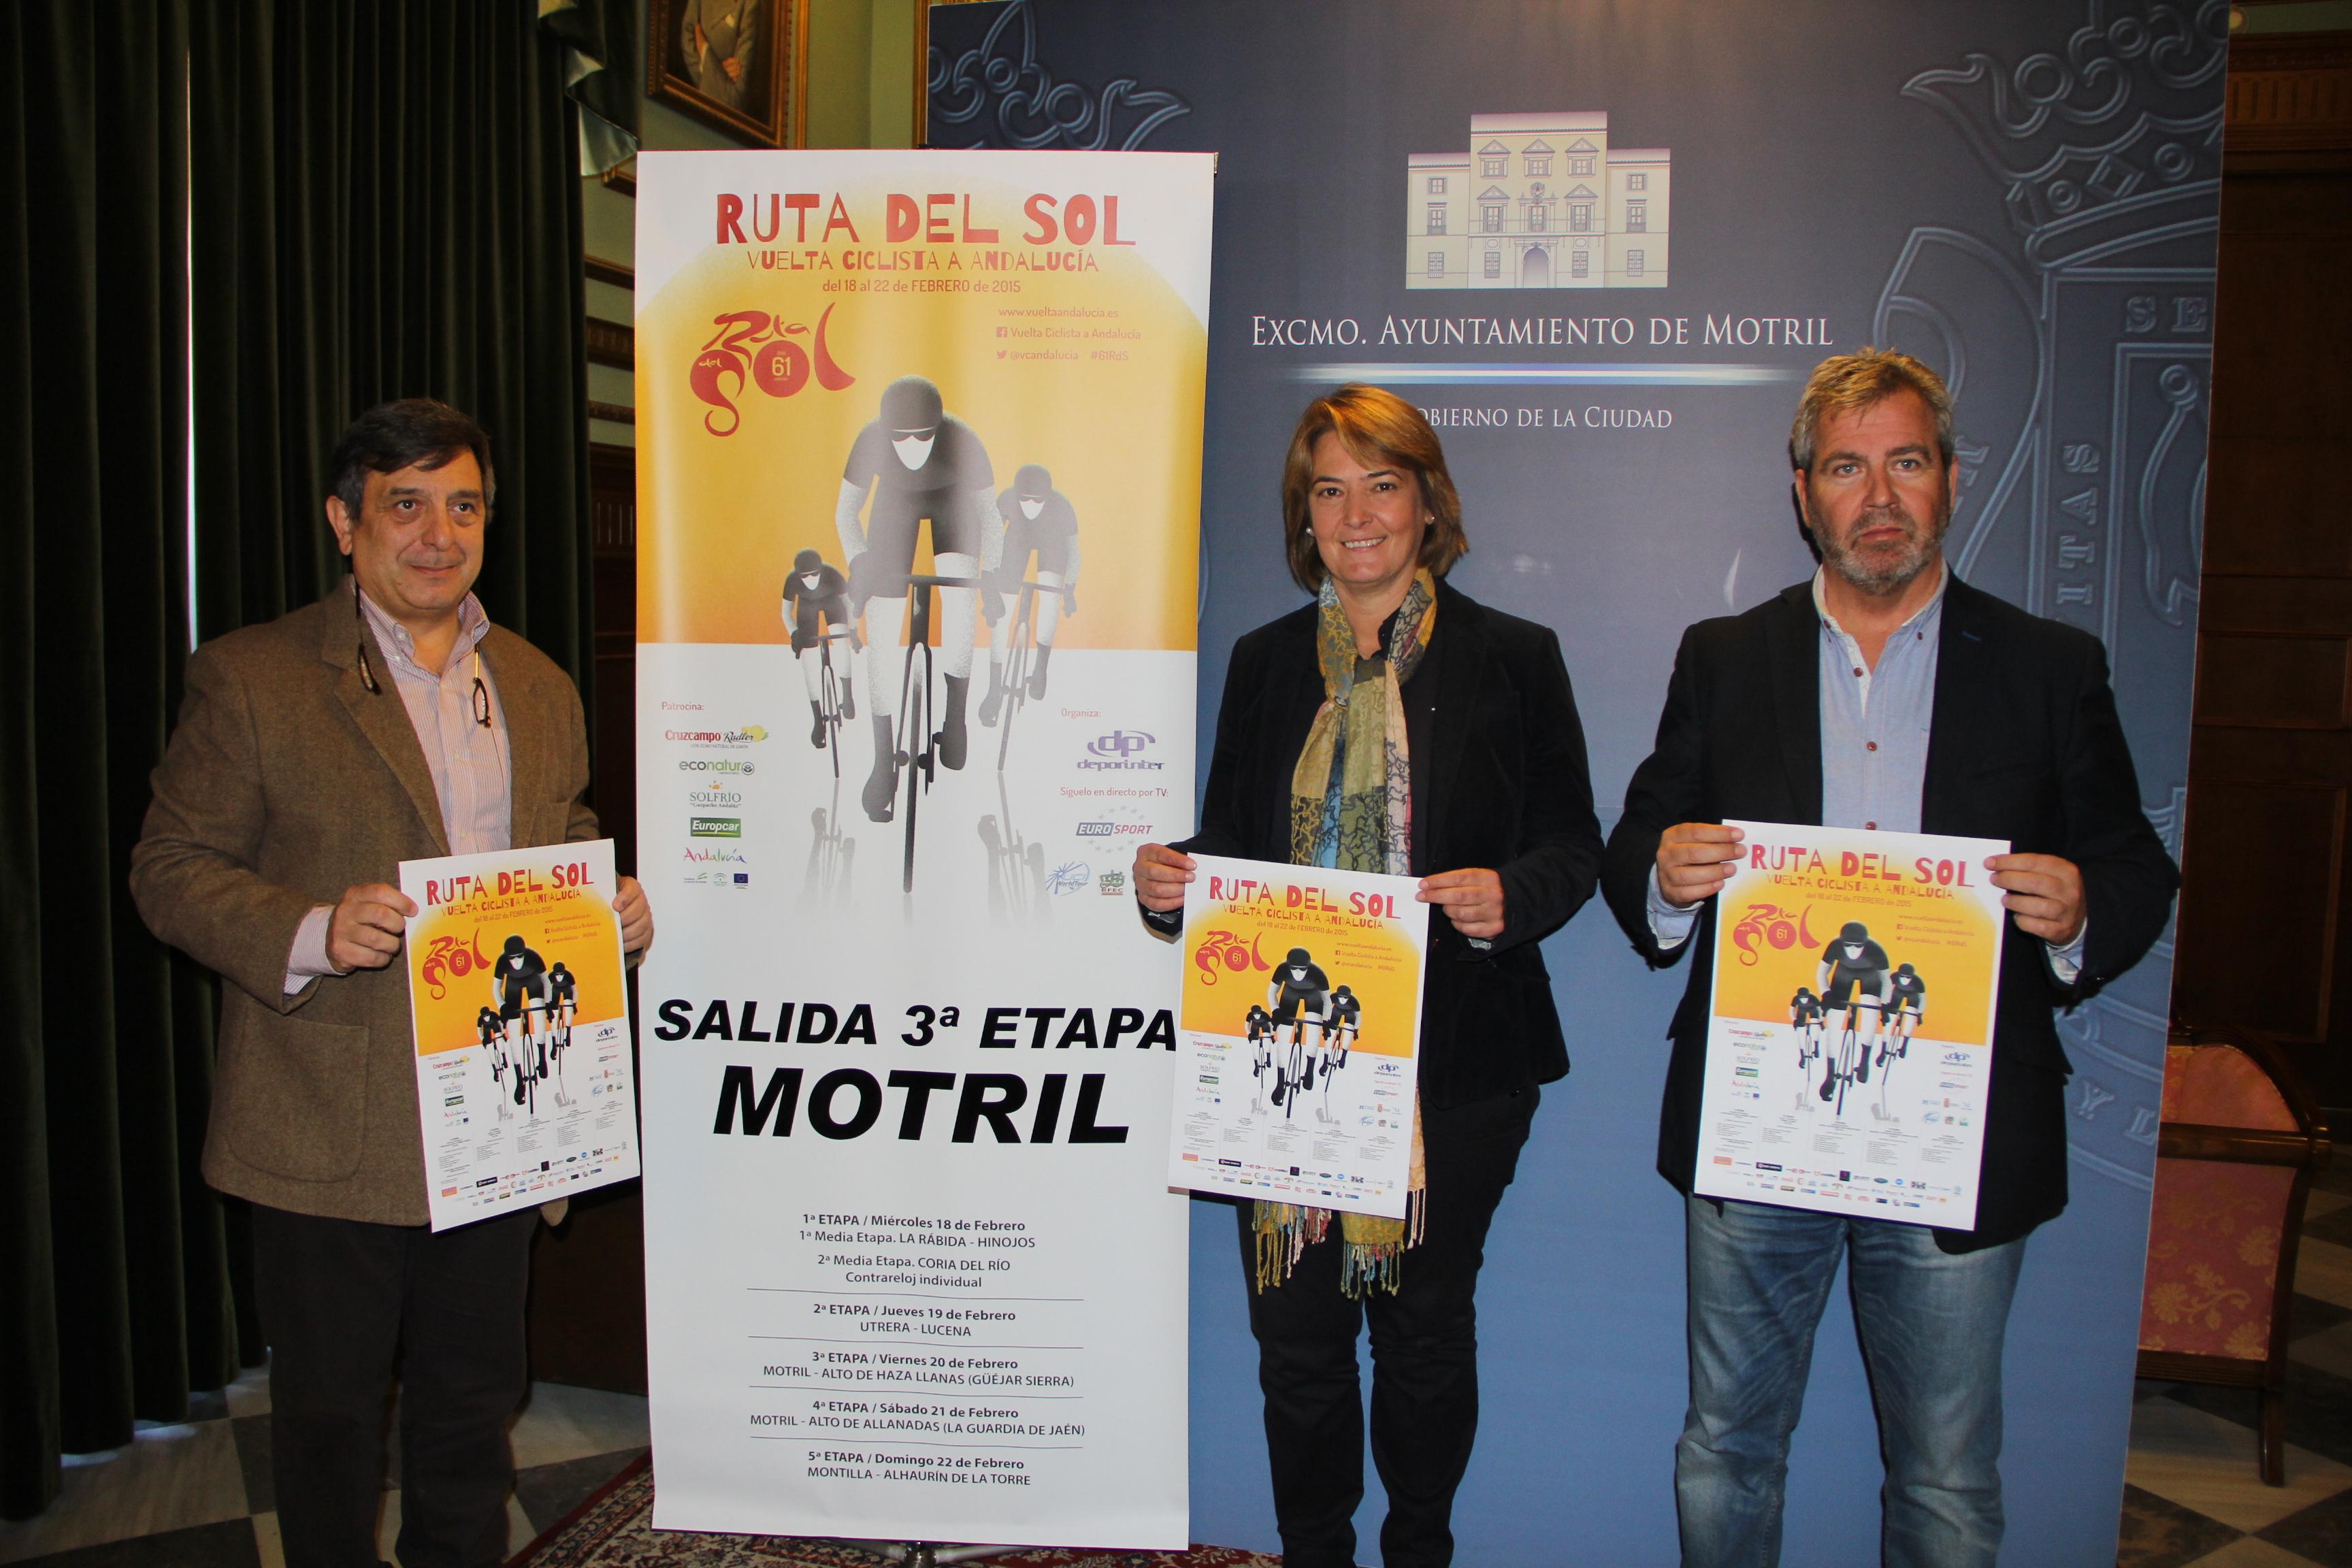 Presentación vuelta a Andalucía 26-01-15 (2)